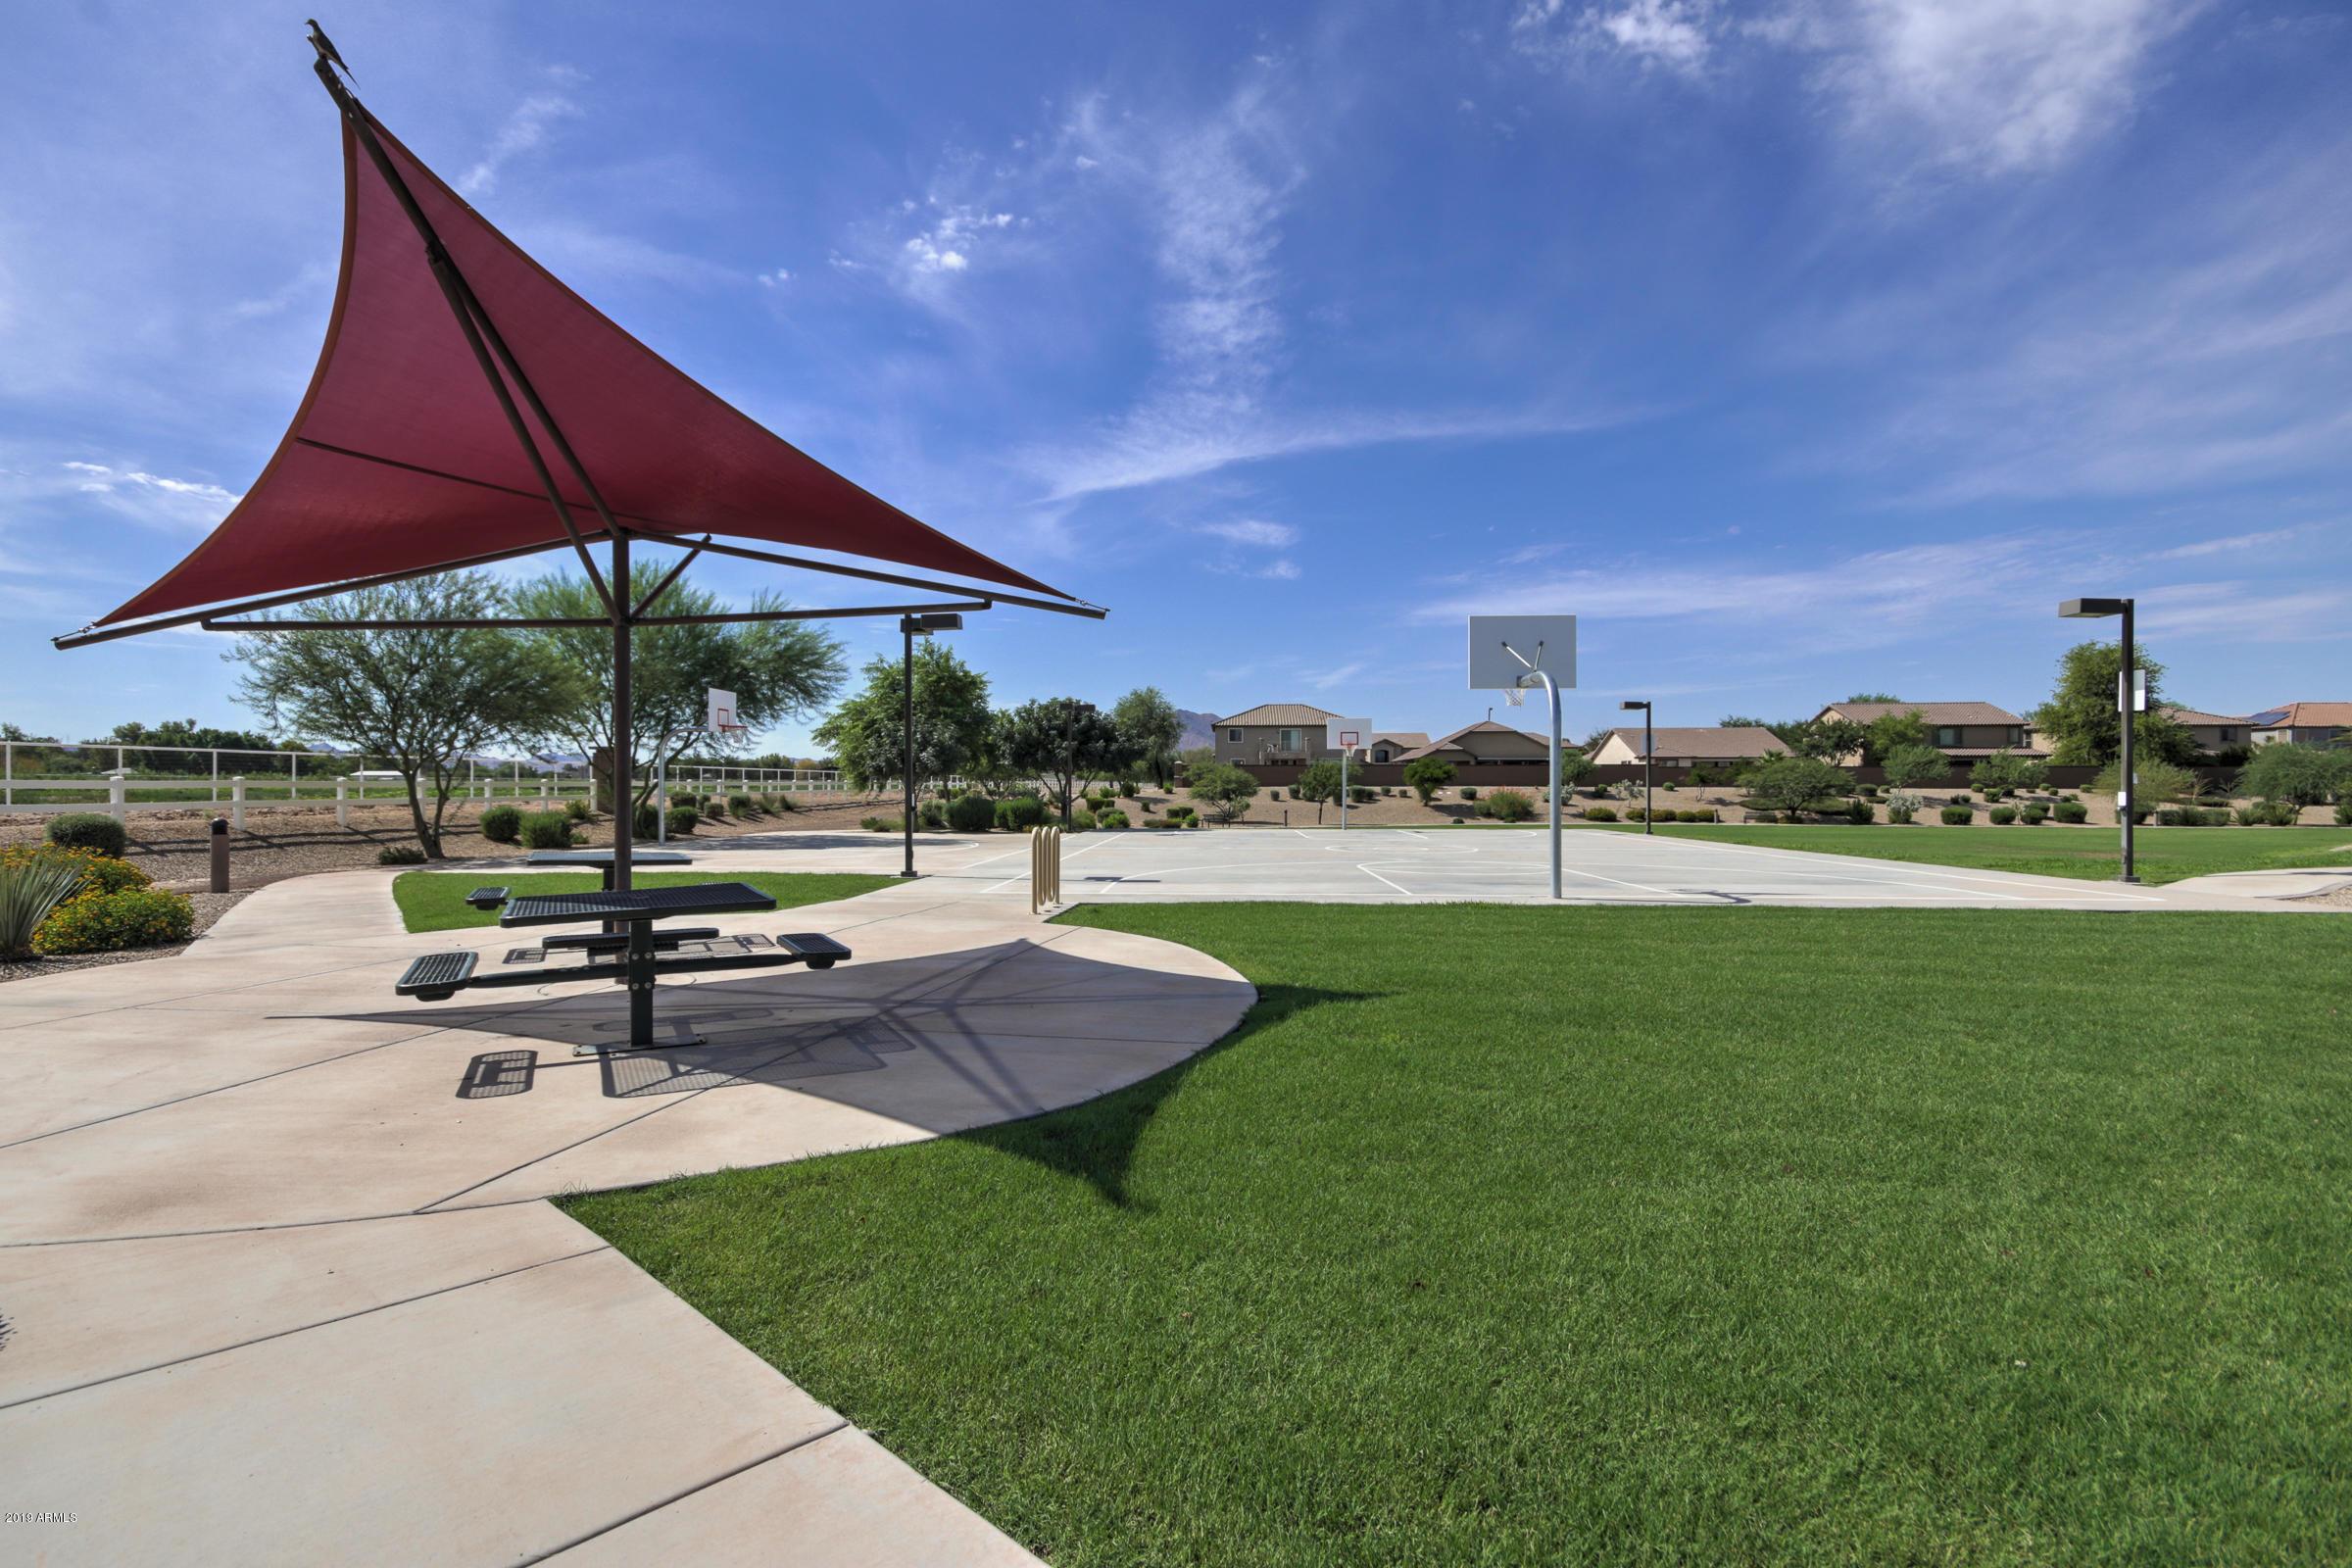 MLS 5961466 3492 E ORLEANS Drive, Gilbert, AZ 85298 Gilbert AZ Marbella Vineyards